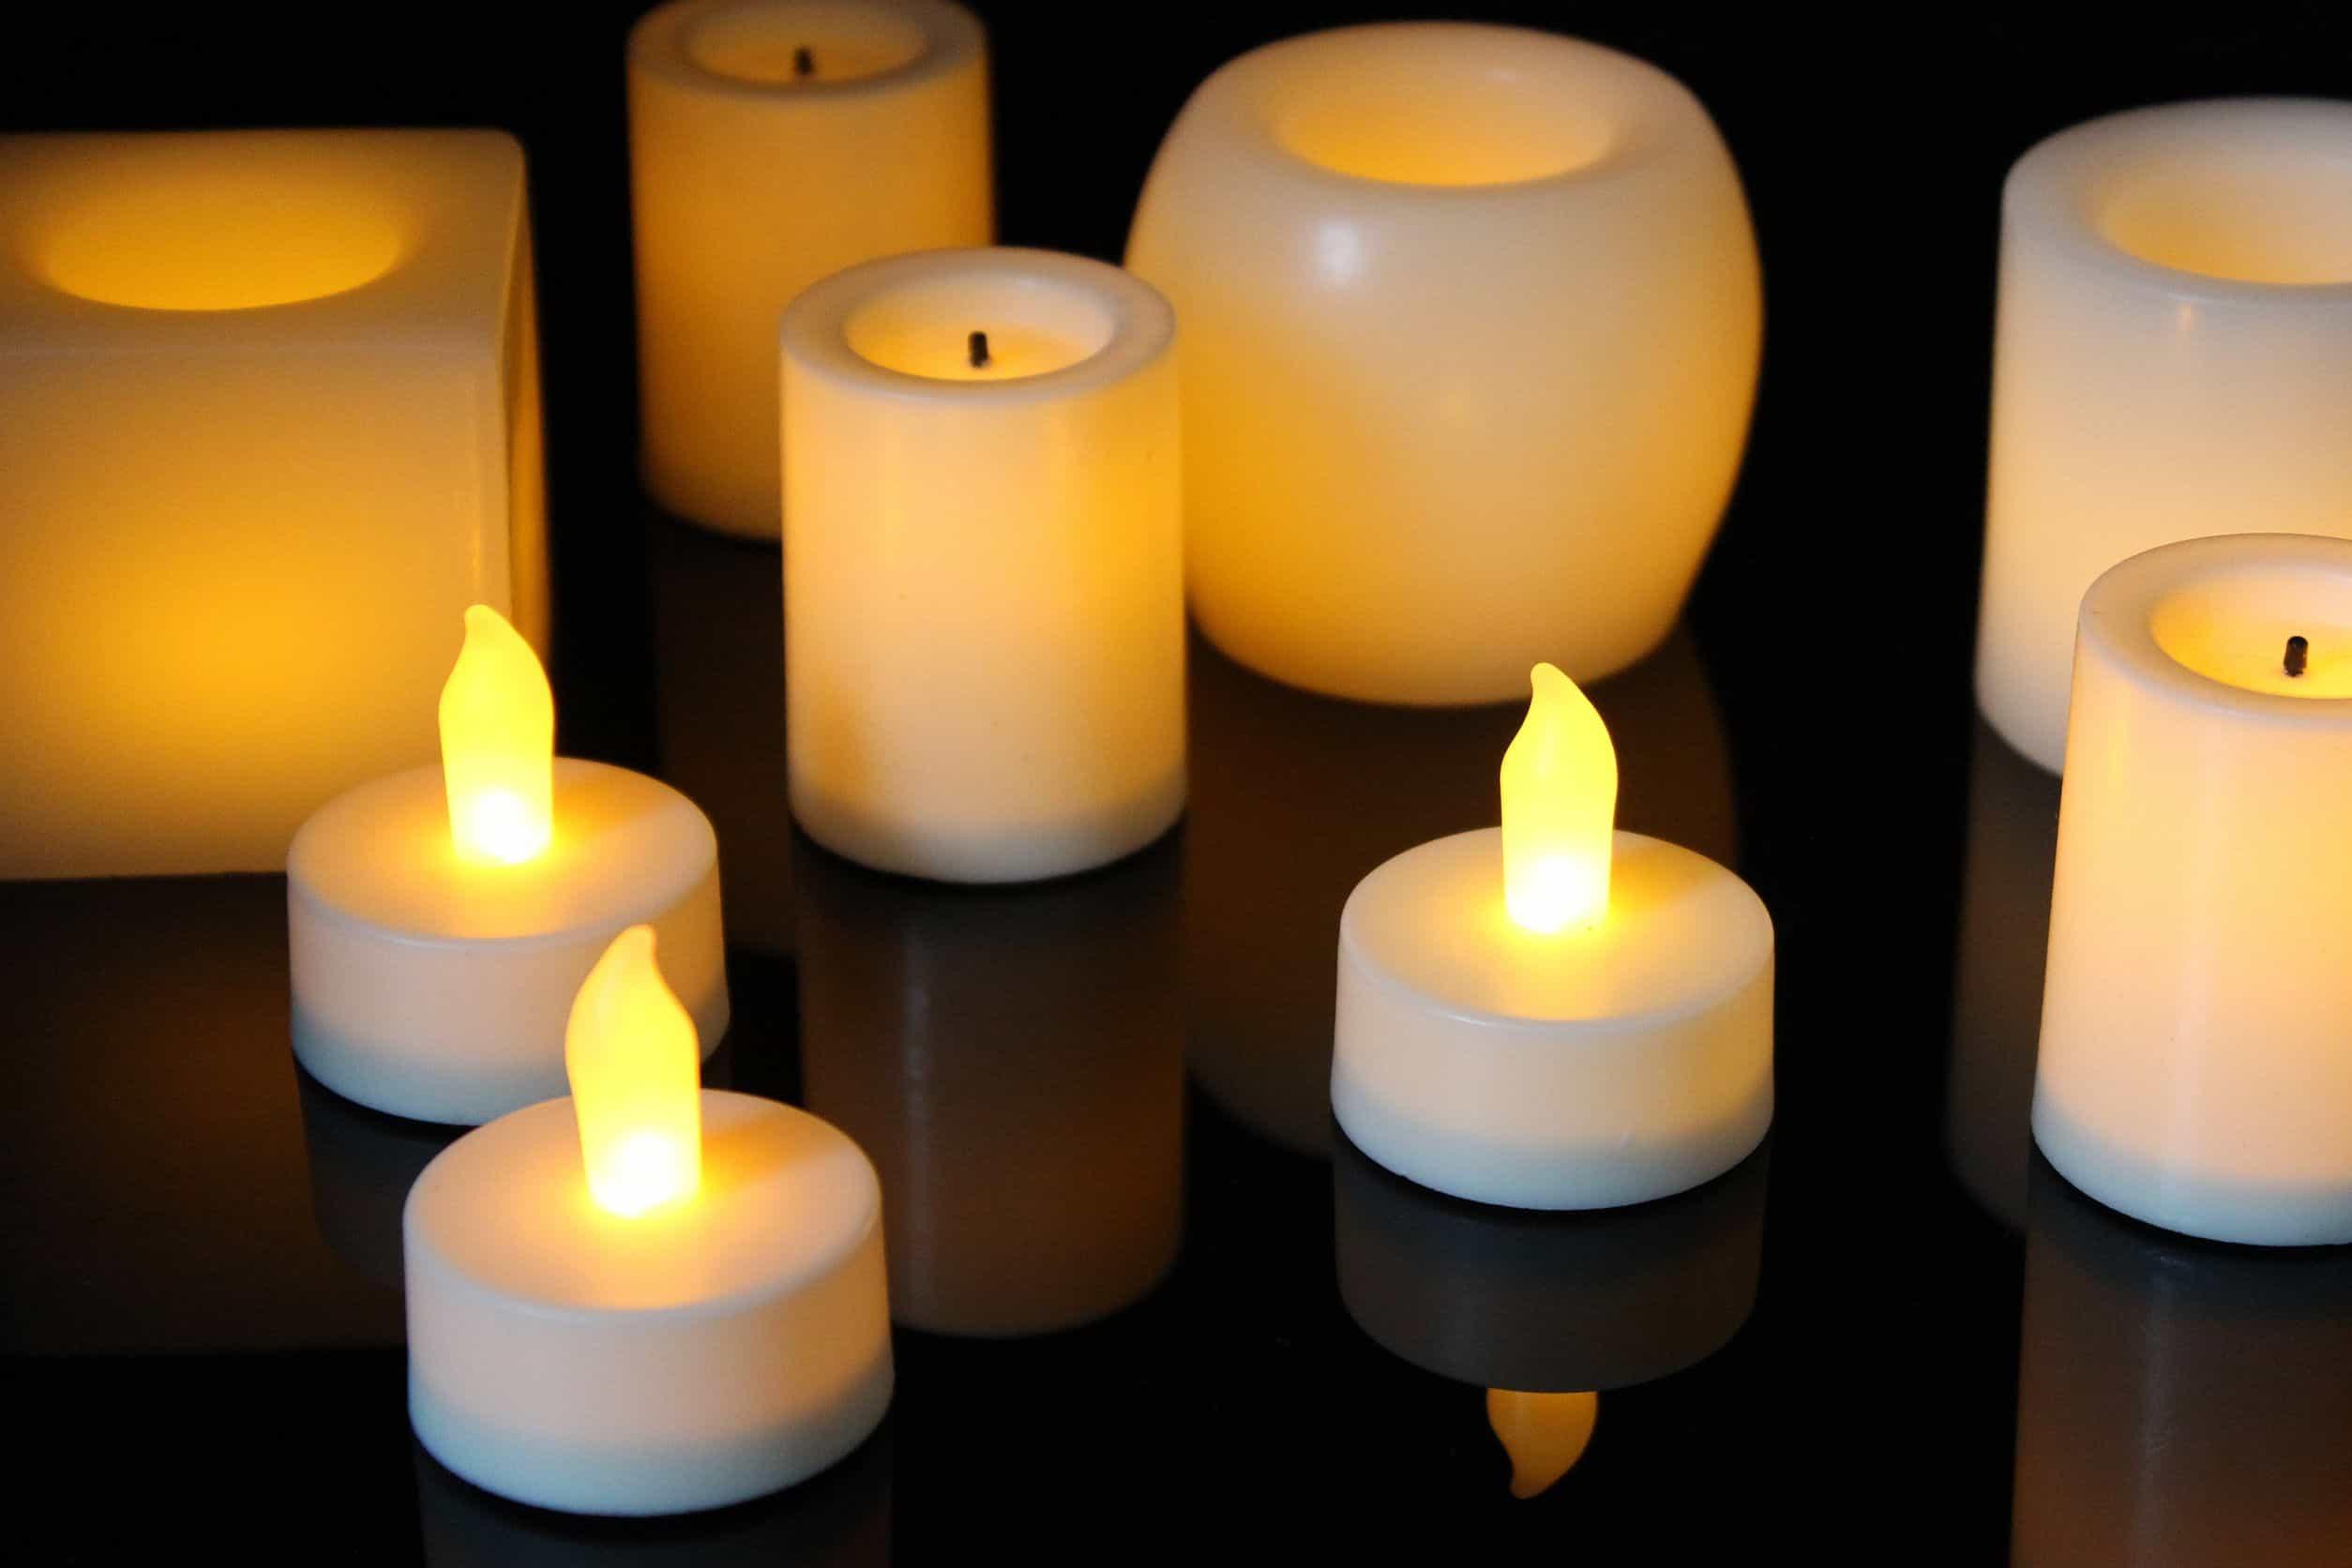 Imagem com velas de diferentes formatos em uma superfície preta.